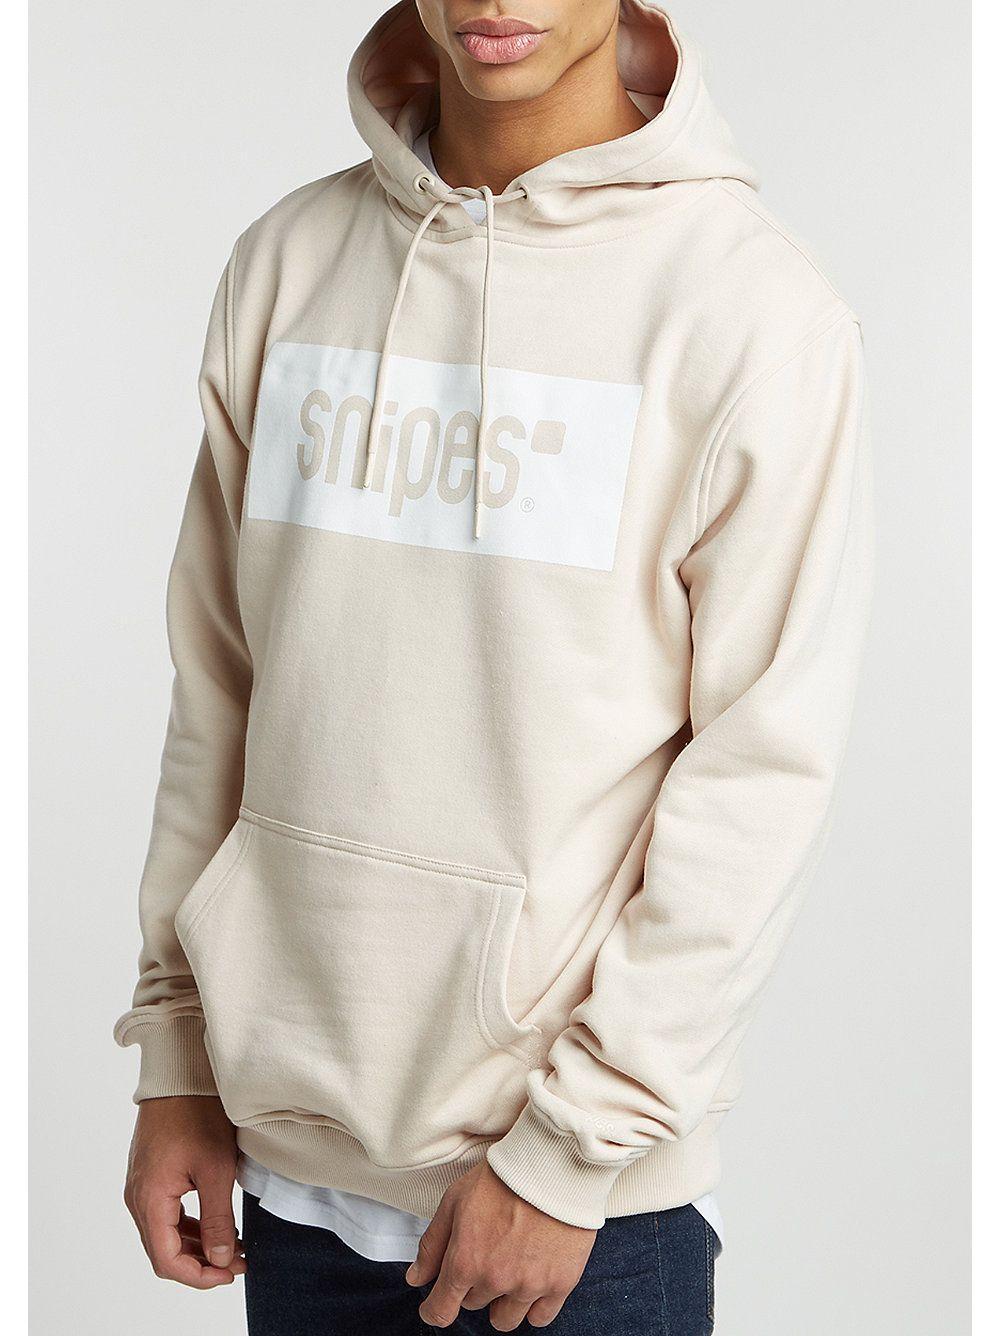 new concept 2e441 6bc45 SNIPES Hooded-Sweatshirt Box Logo sand/white   Tshirt ideas ...